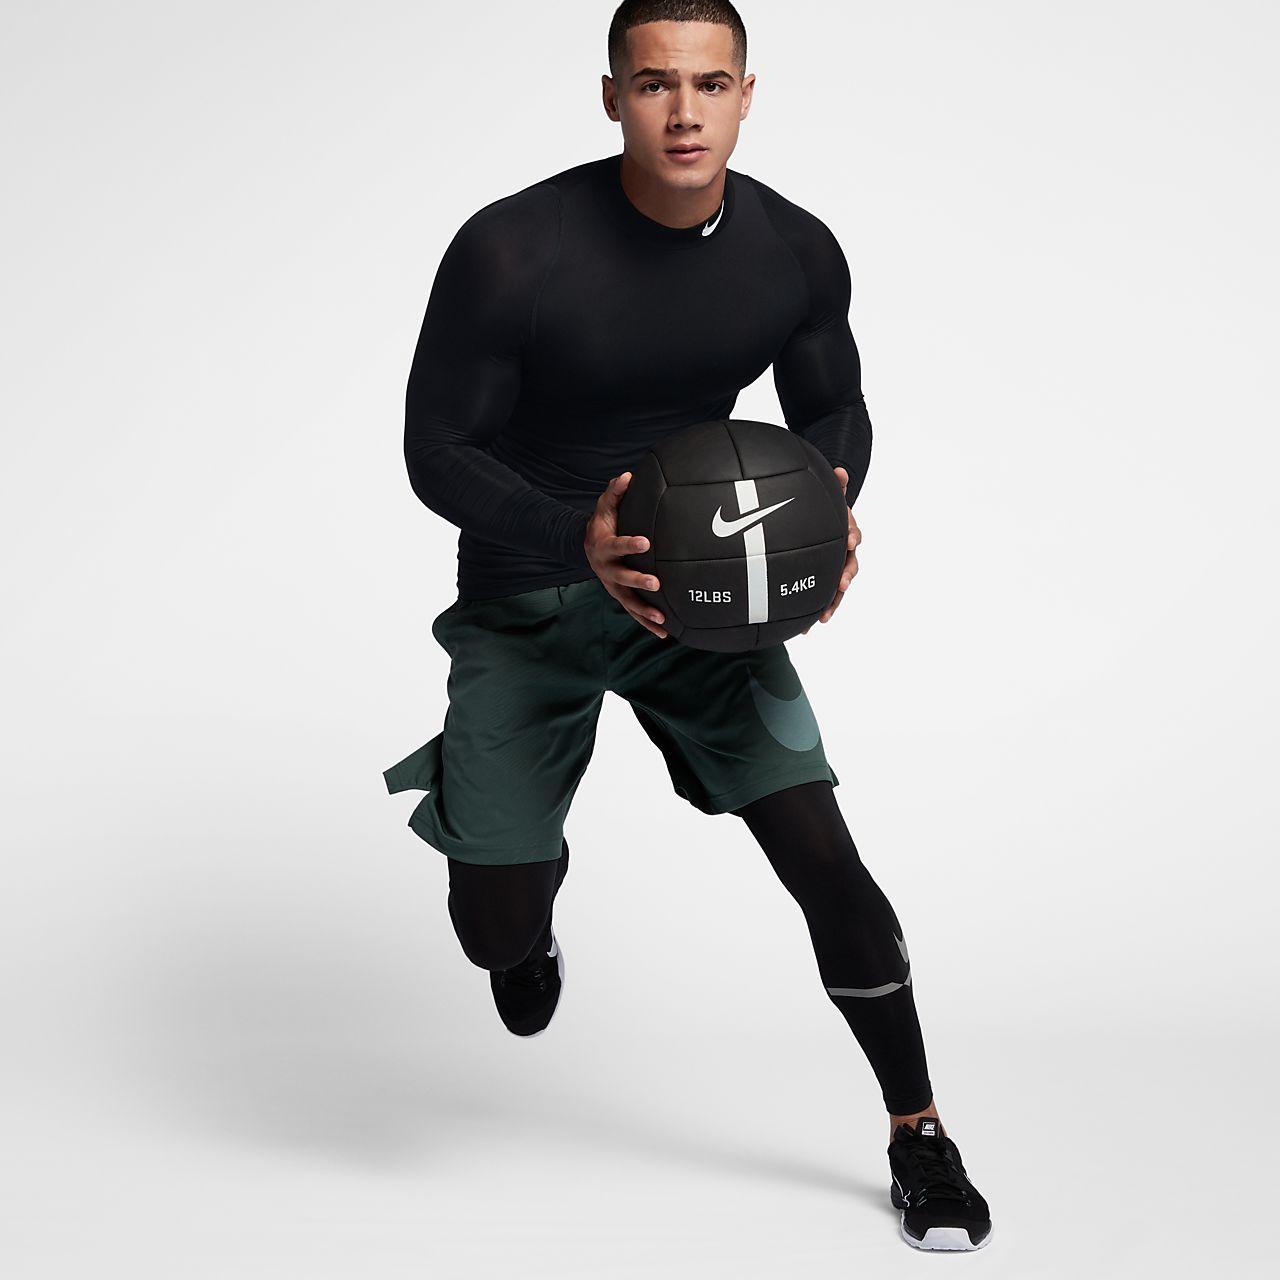 d914d061a1b Nike Pro - langærmet træningstrøje til mænd. Nike.com DK